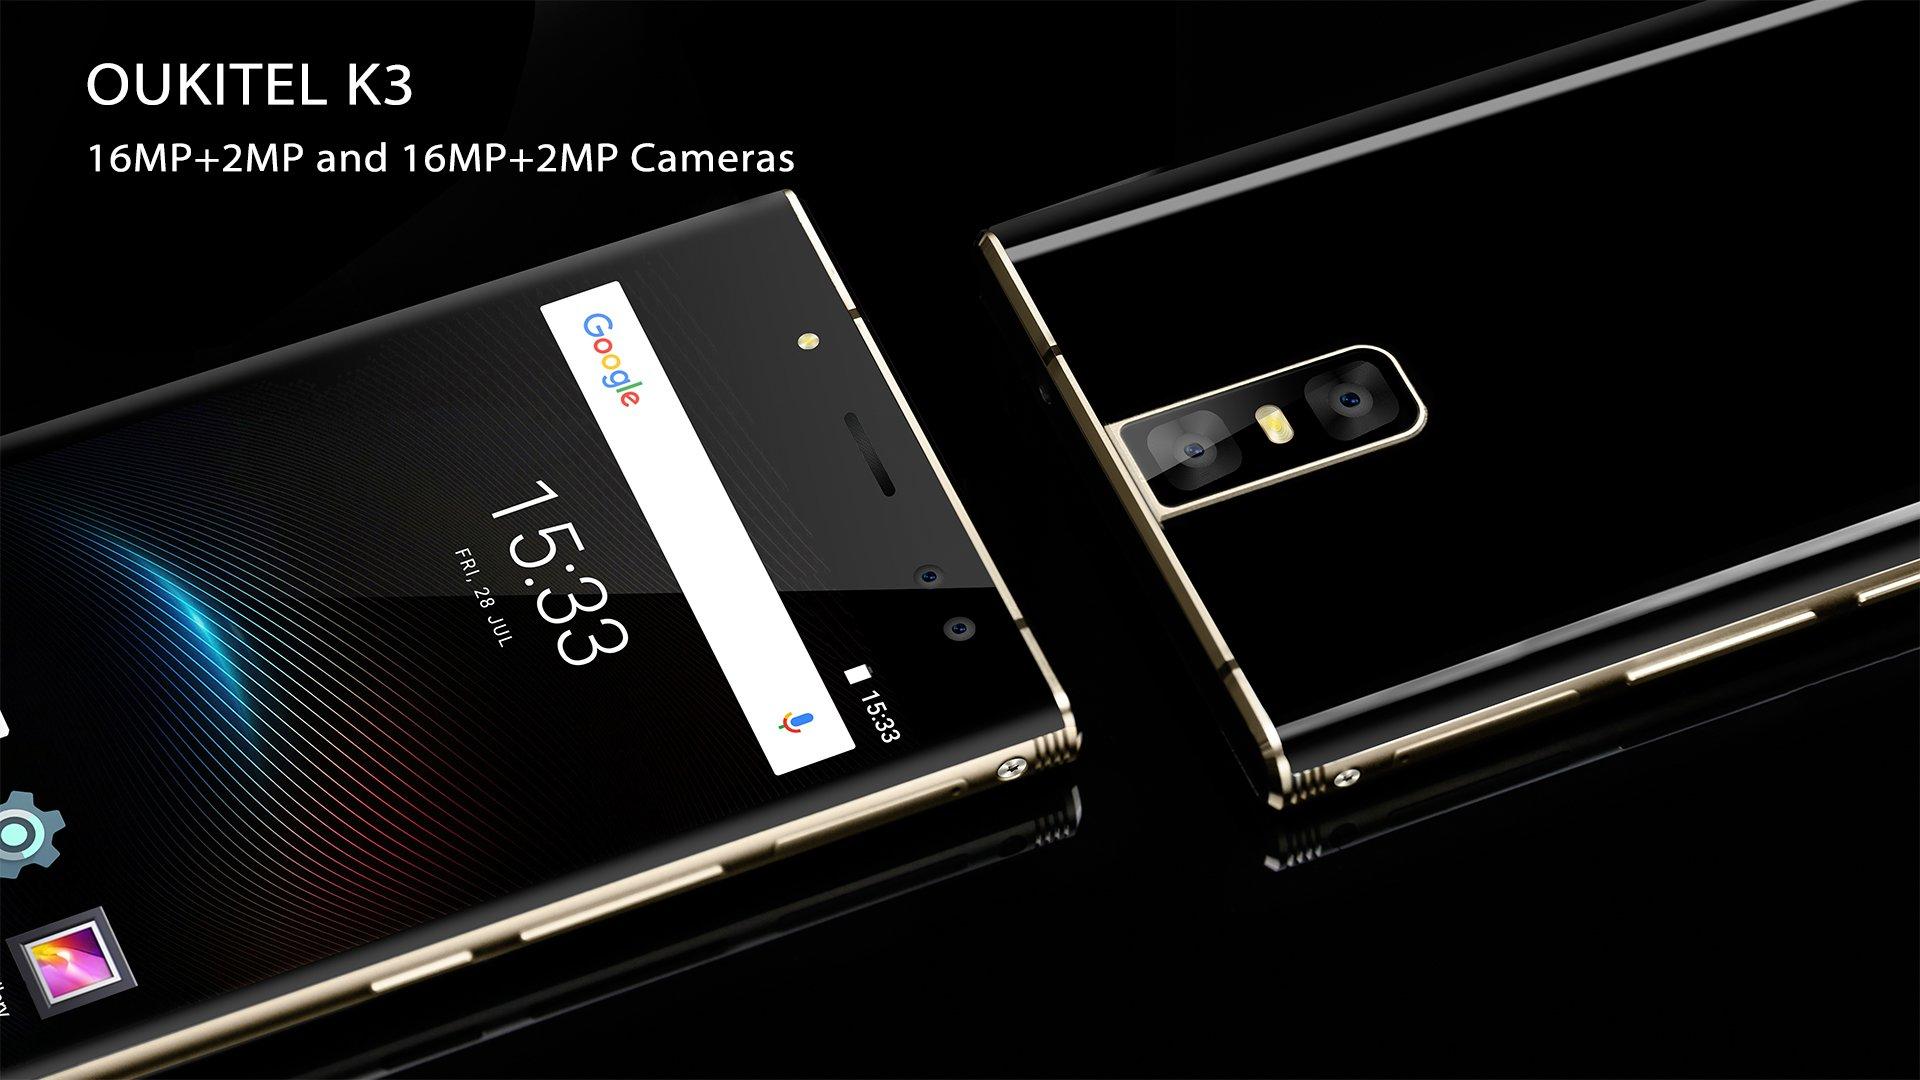 Tabletowo.pl Oukitel K3 - jak sobie radzą cztery aparaty w różnych sceneriach? Android Chińskie Smartfony